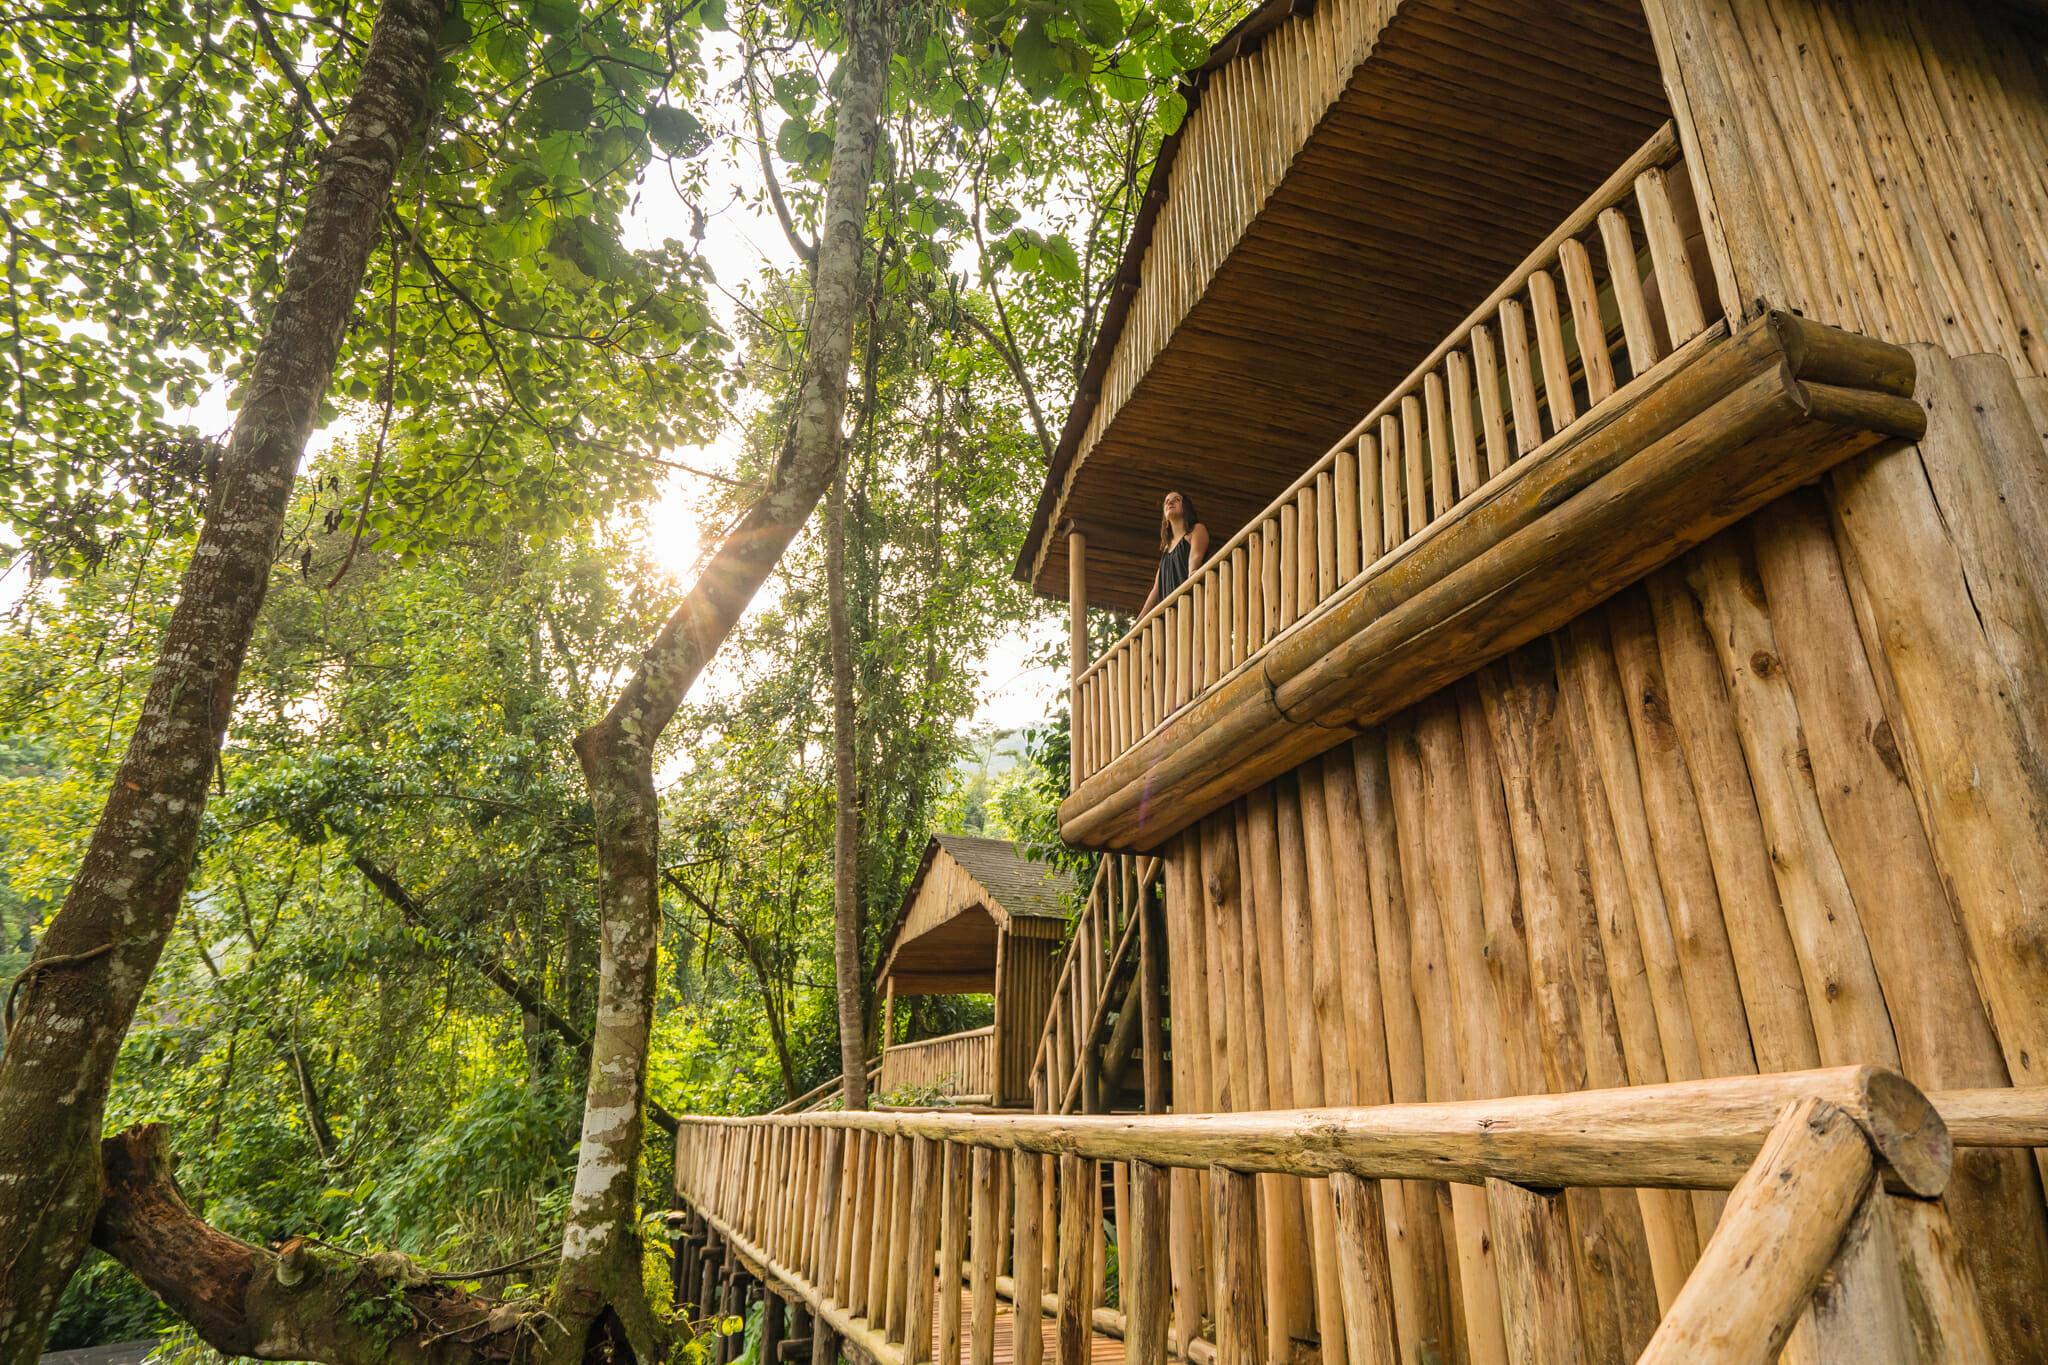 Vue sur le buhoma lodge au coeur de la forêt de bwindi en ouganda